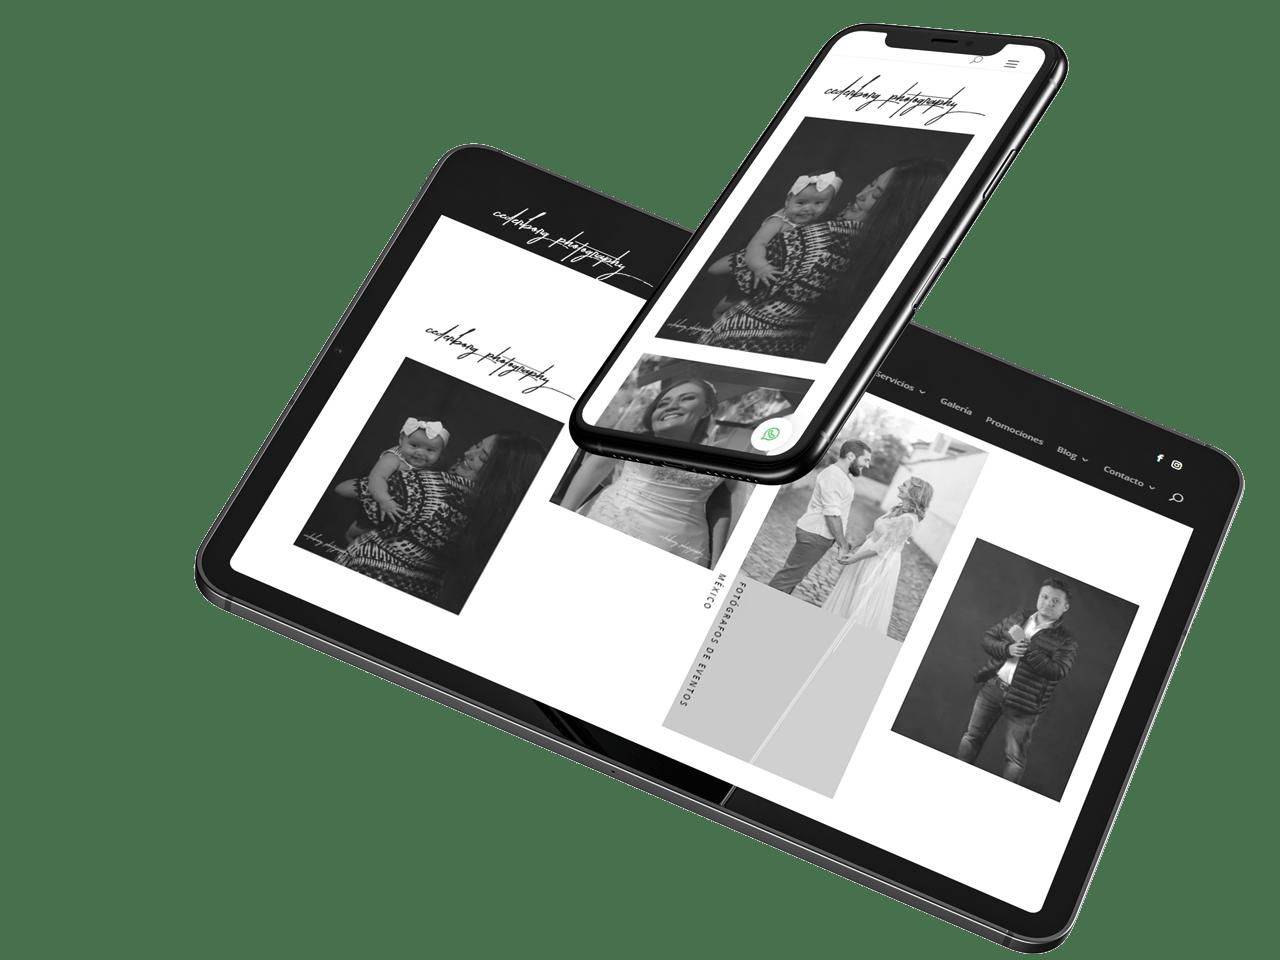 Diseño de Sitio Web Responsivo o adaptable